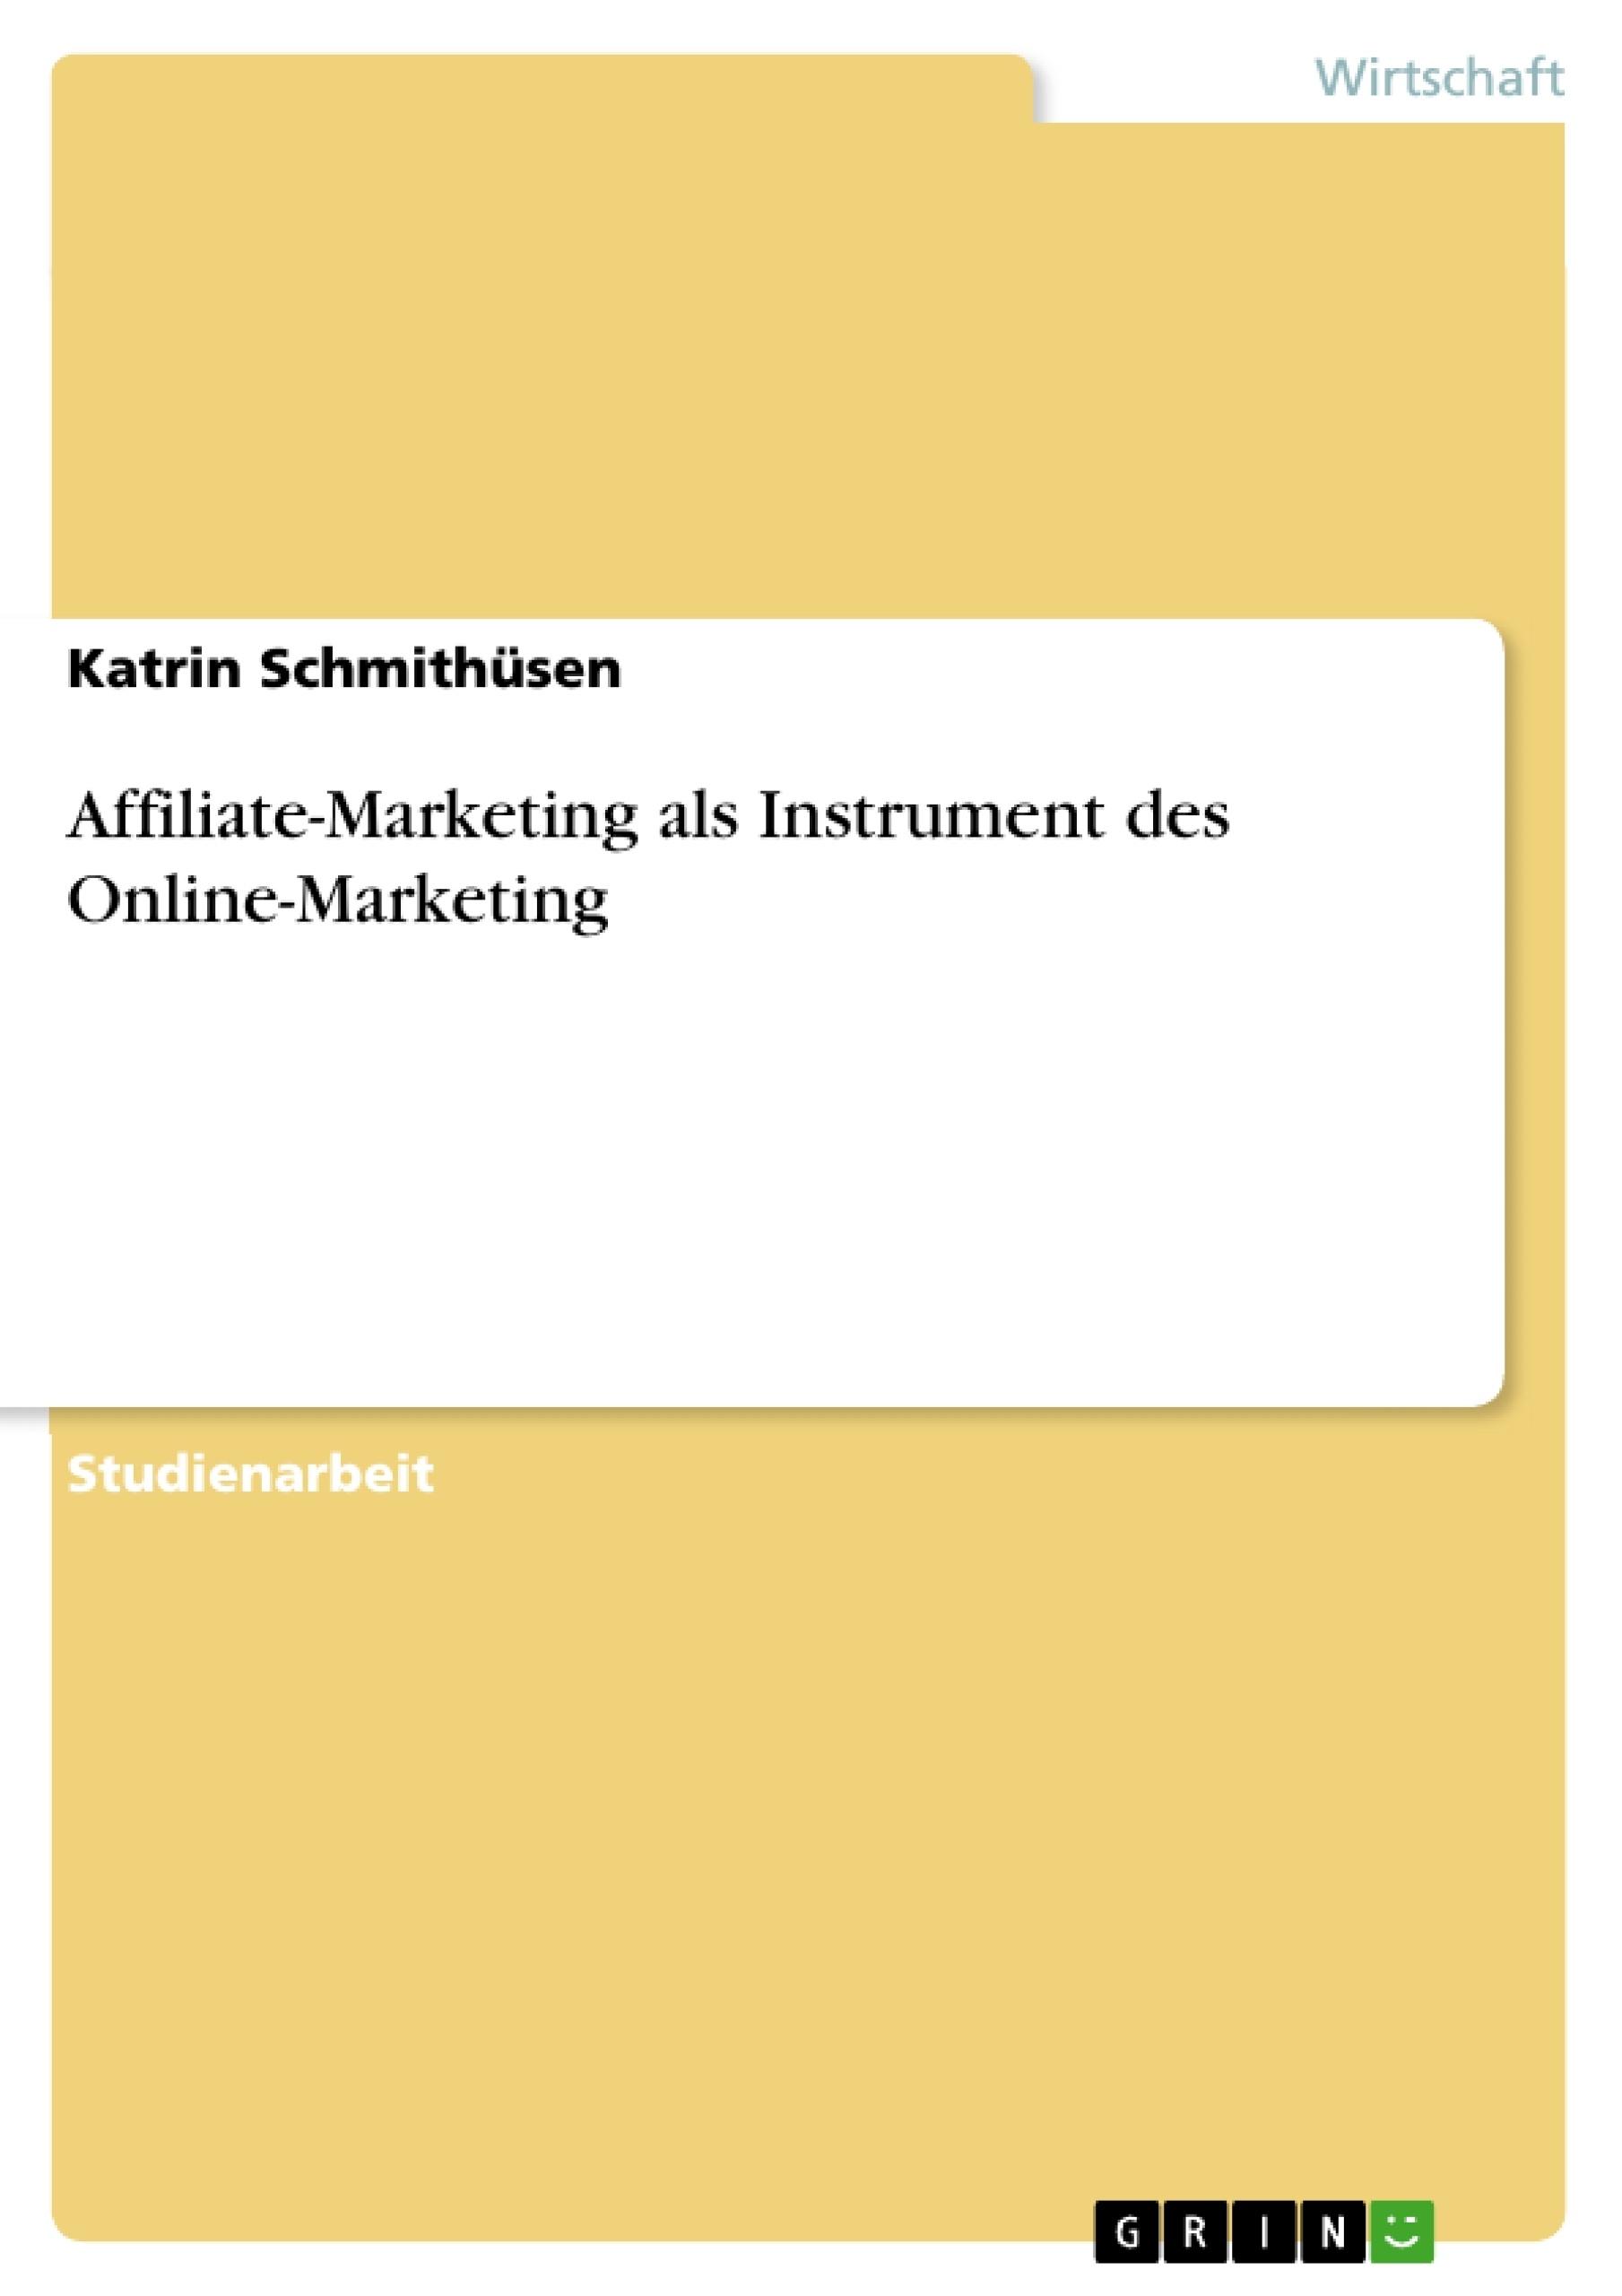 Titel: Affiliate-Marketing als Instrument des Online-Marketing